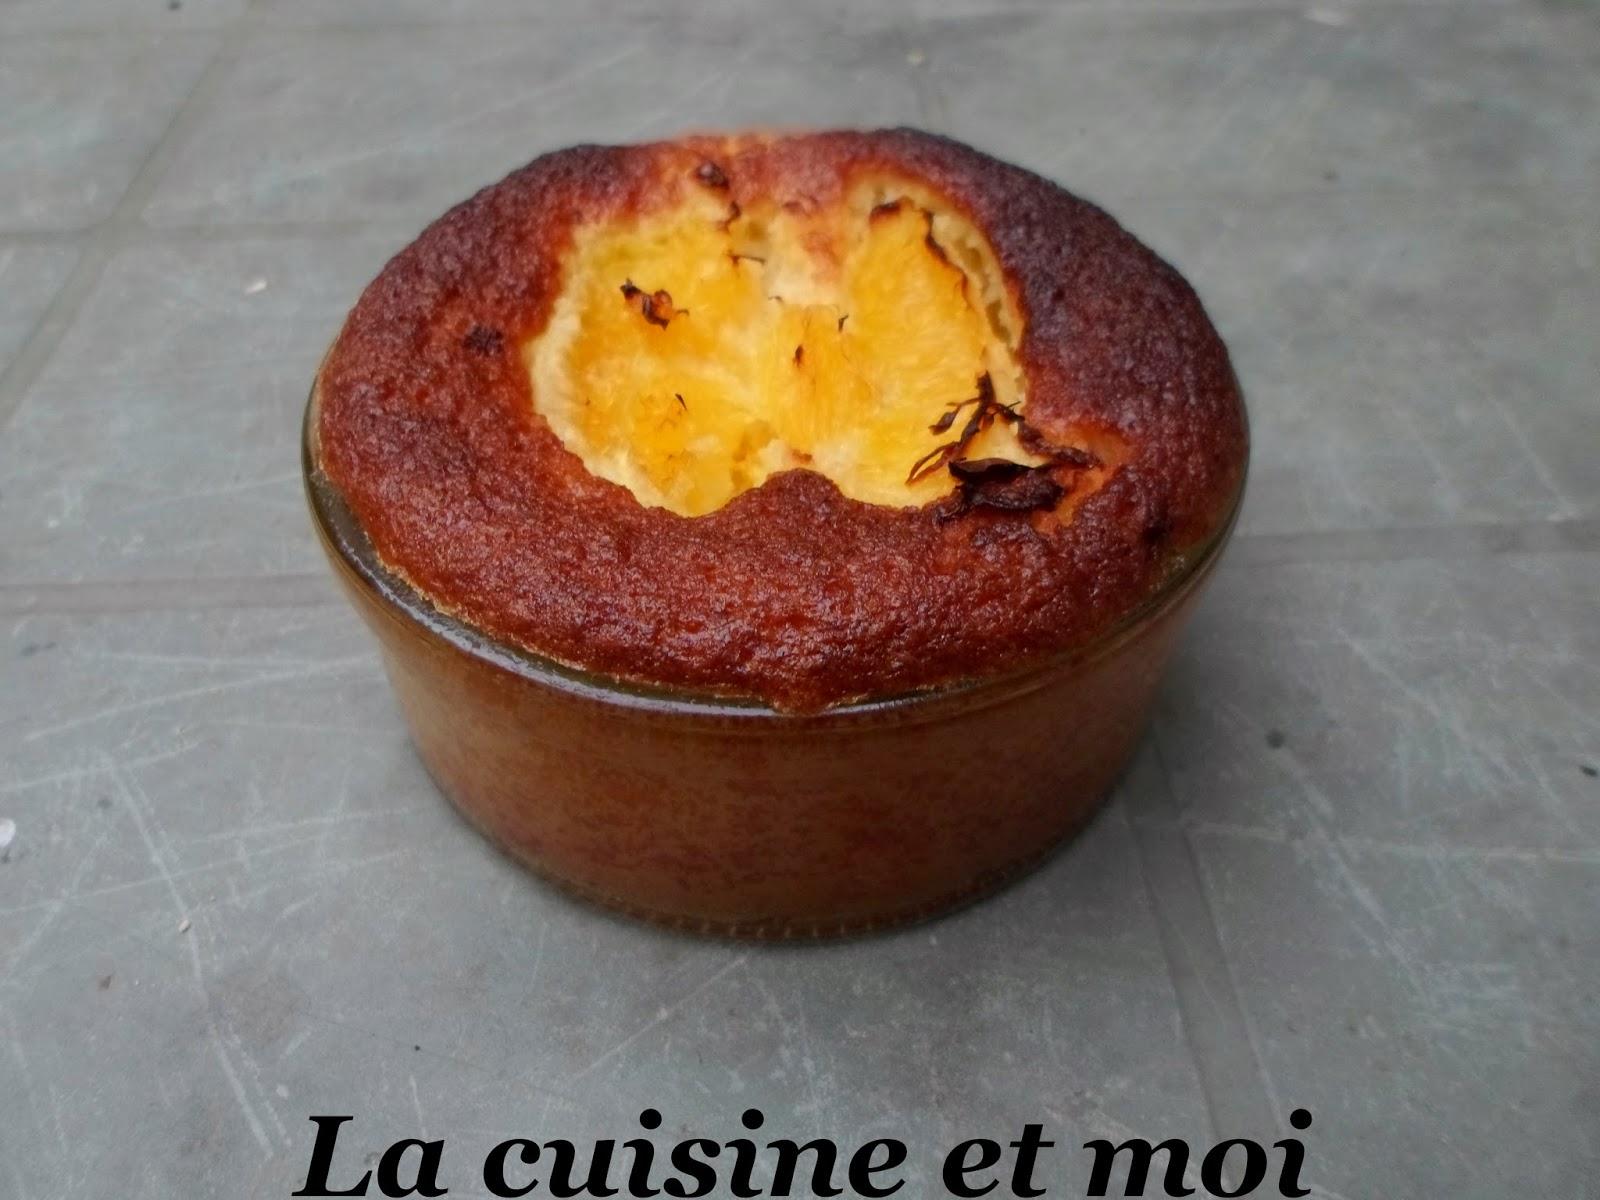 http://la-cuisine-et-moi.blogspot.fr/2014/11/gratin-doranges-aux-amandes.html